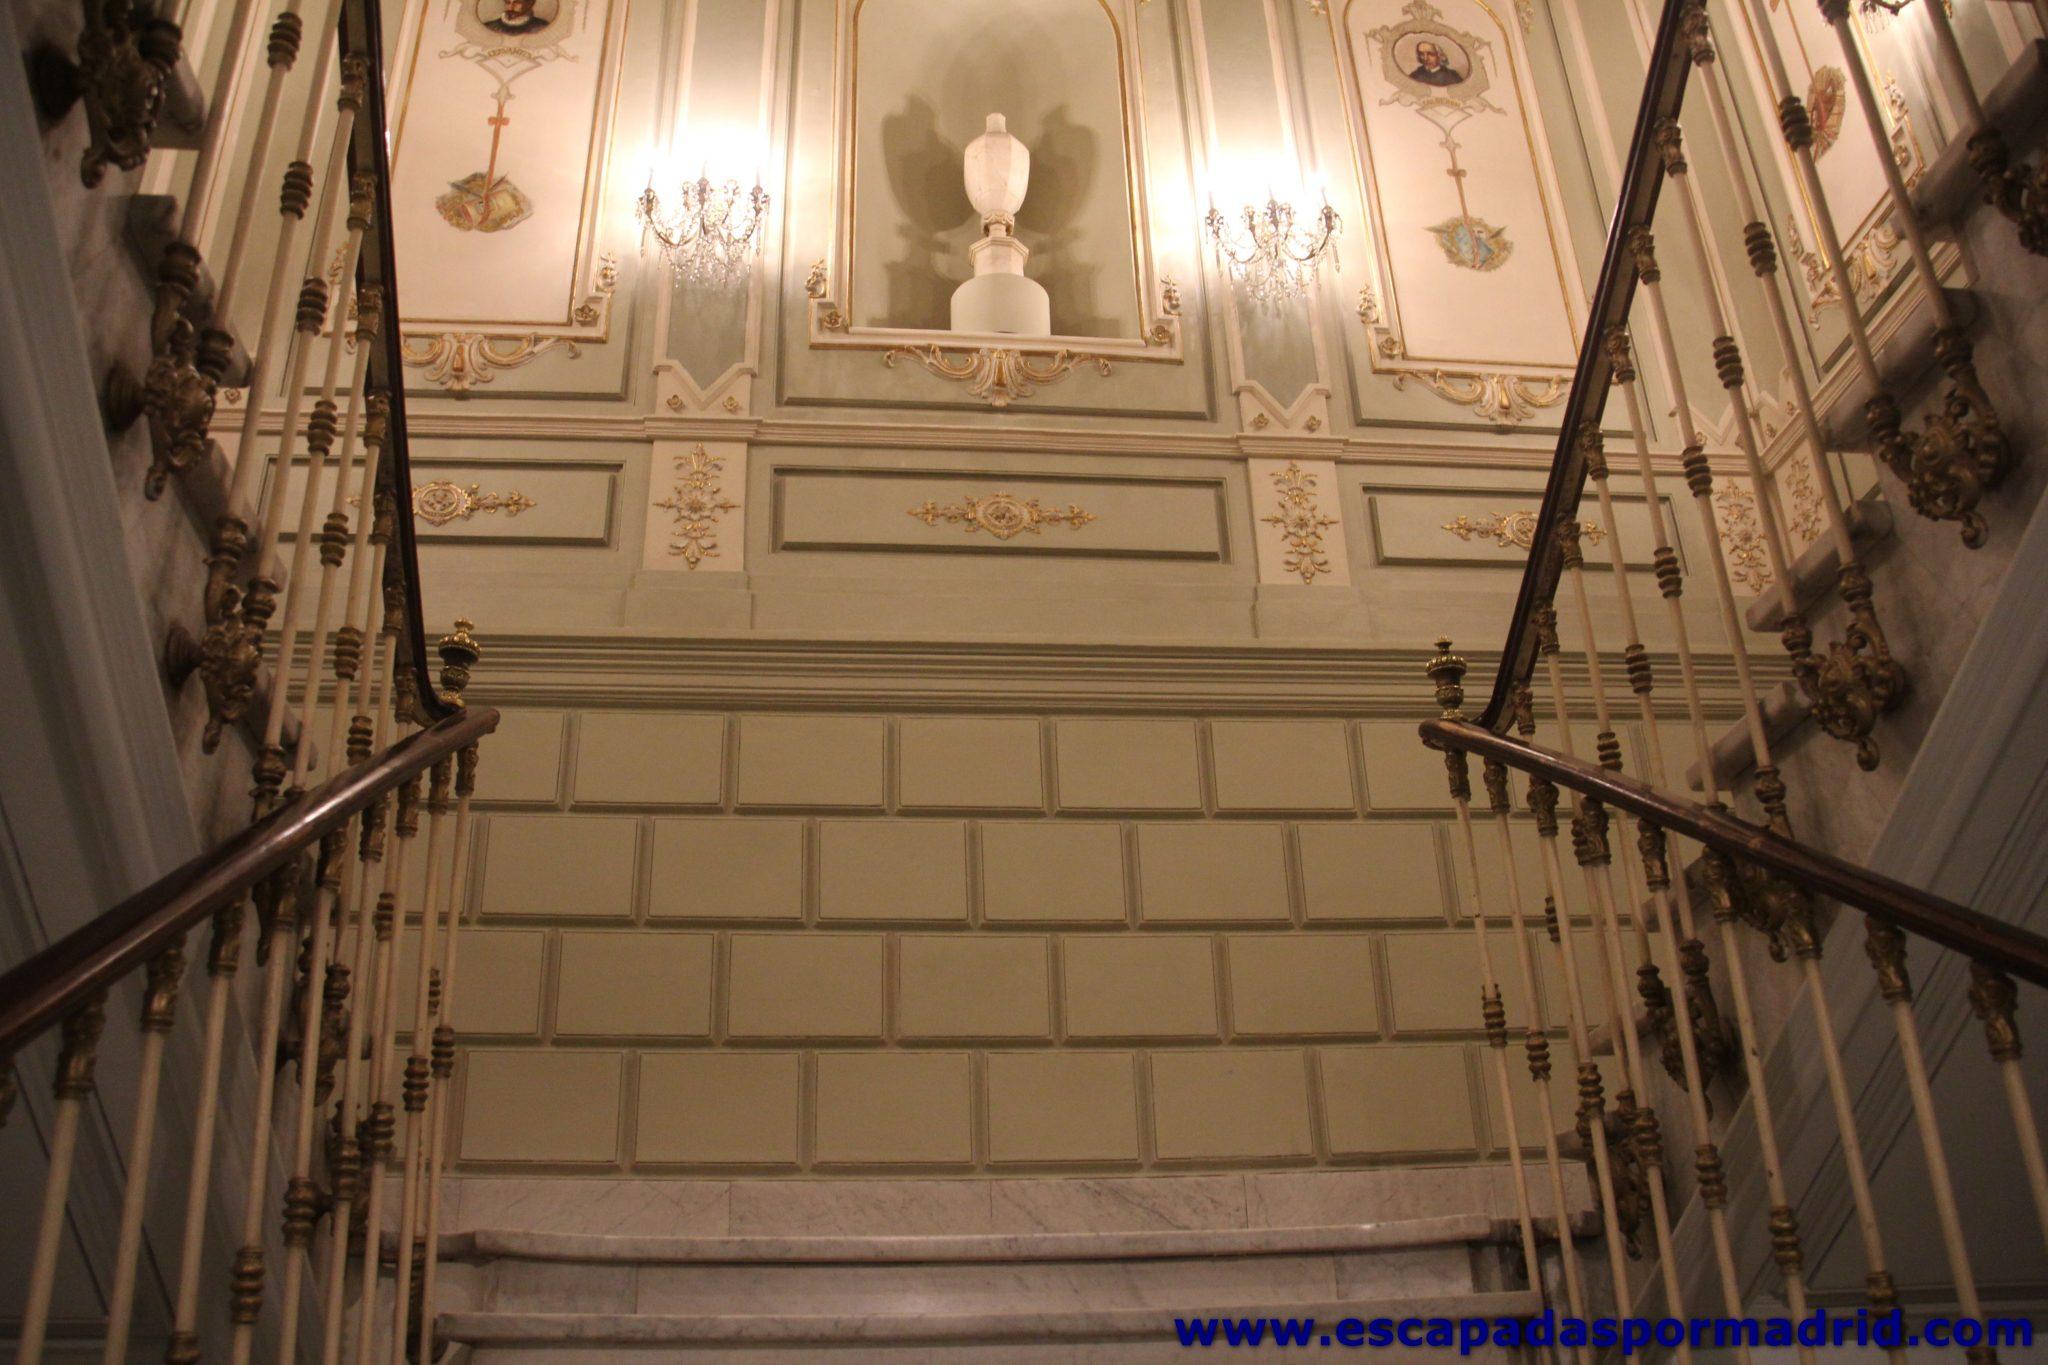 foto de escalera interior del museo de estilo Imperial